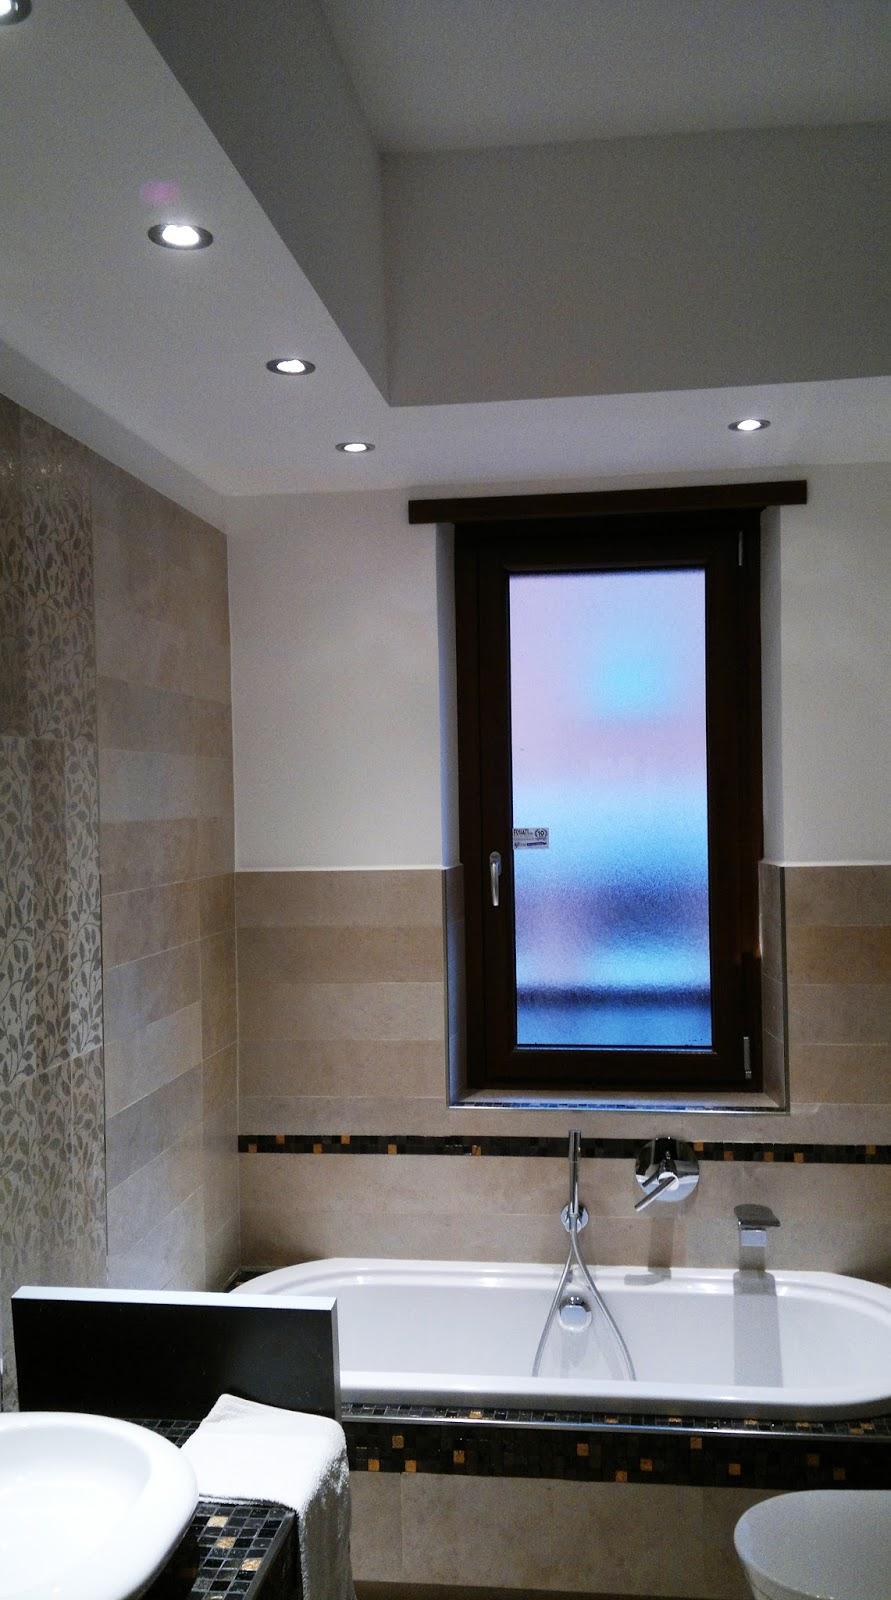 Illuminazione Led casa Illuminare a Led gli ambienti con Faretti Led da incasso